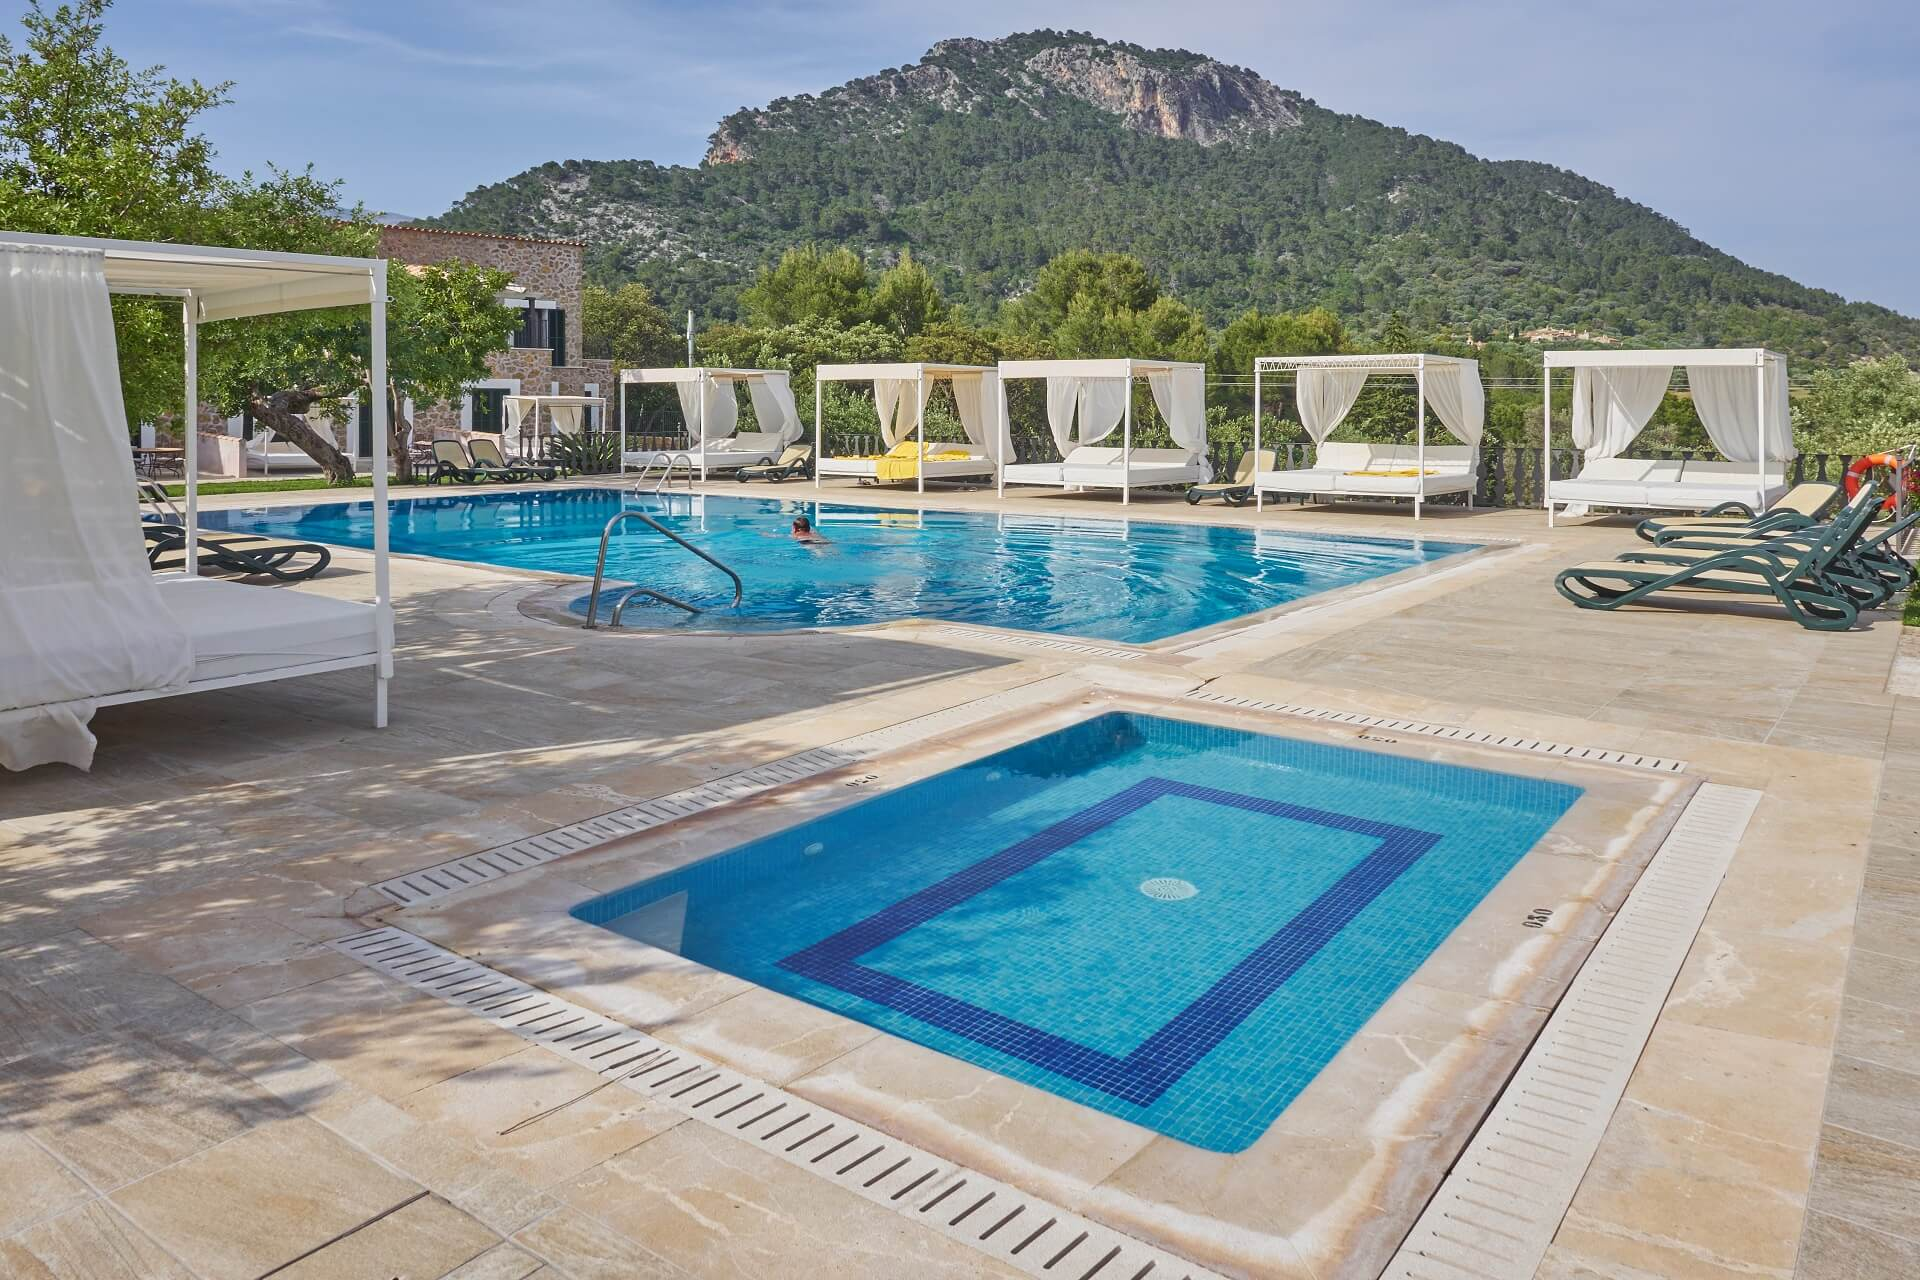 Hotel Finca Binibona - Swimming pool